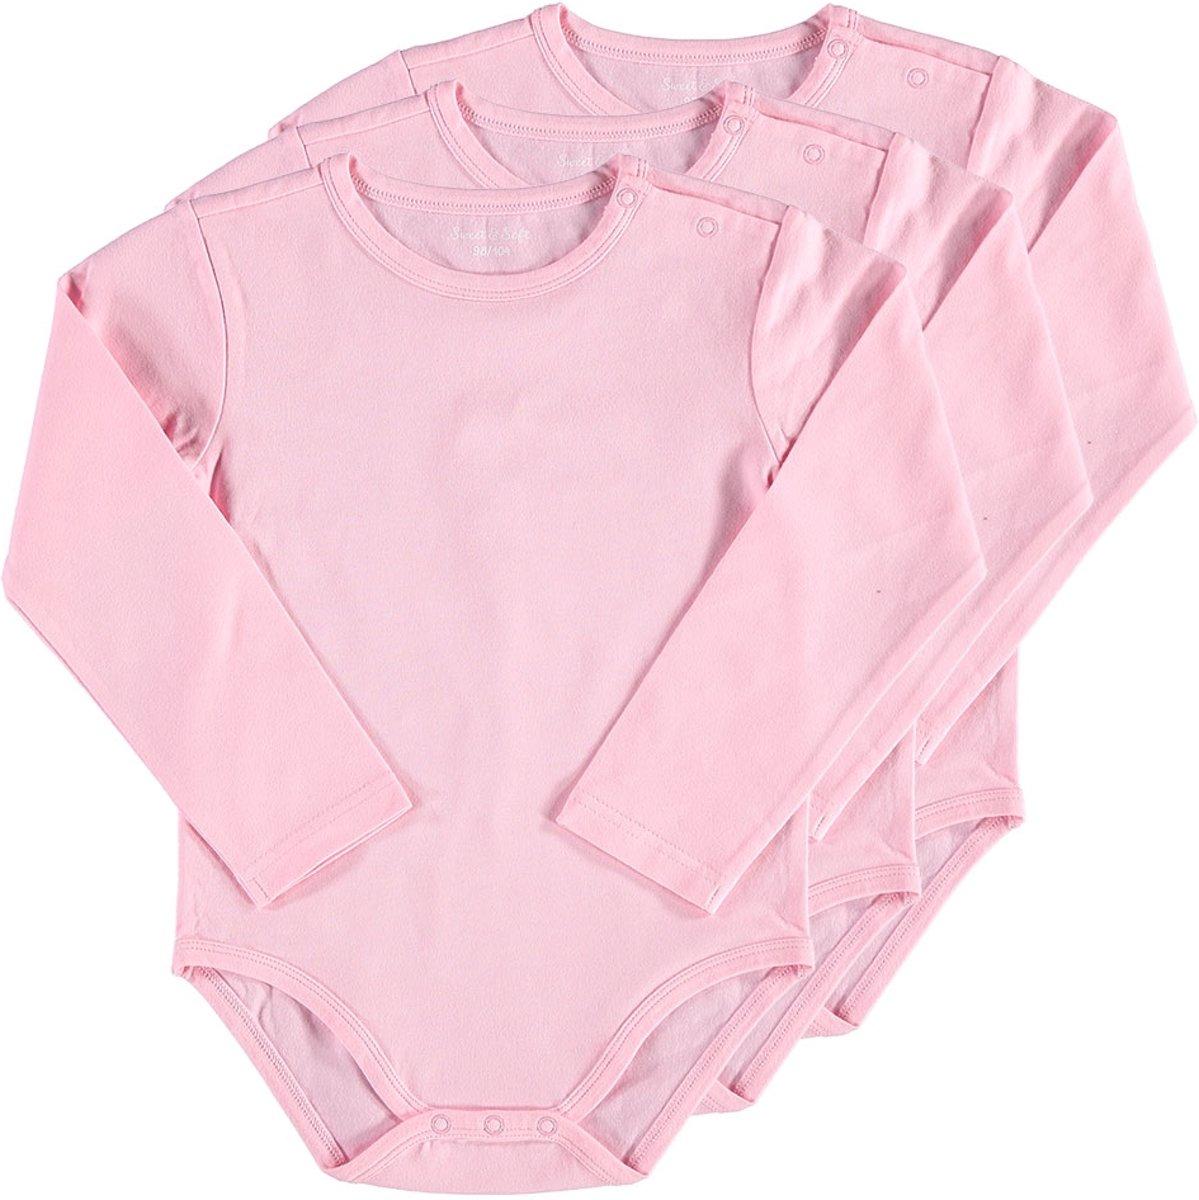 Zeeman - Meisjes lange mouw romper van biologisch katoen - maat 62/68 - roze - 3 stuks